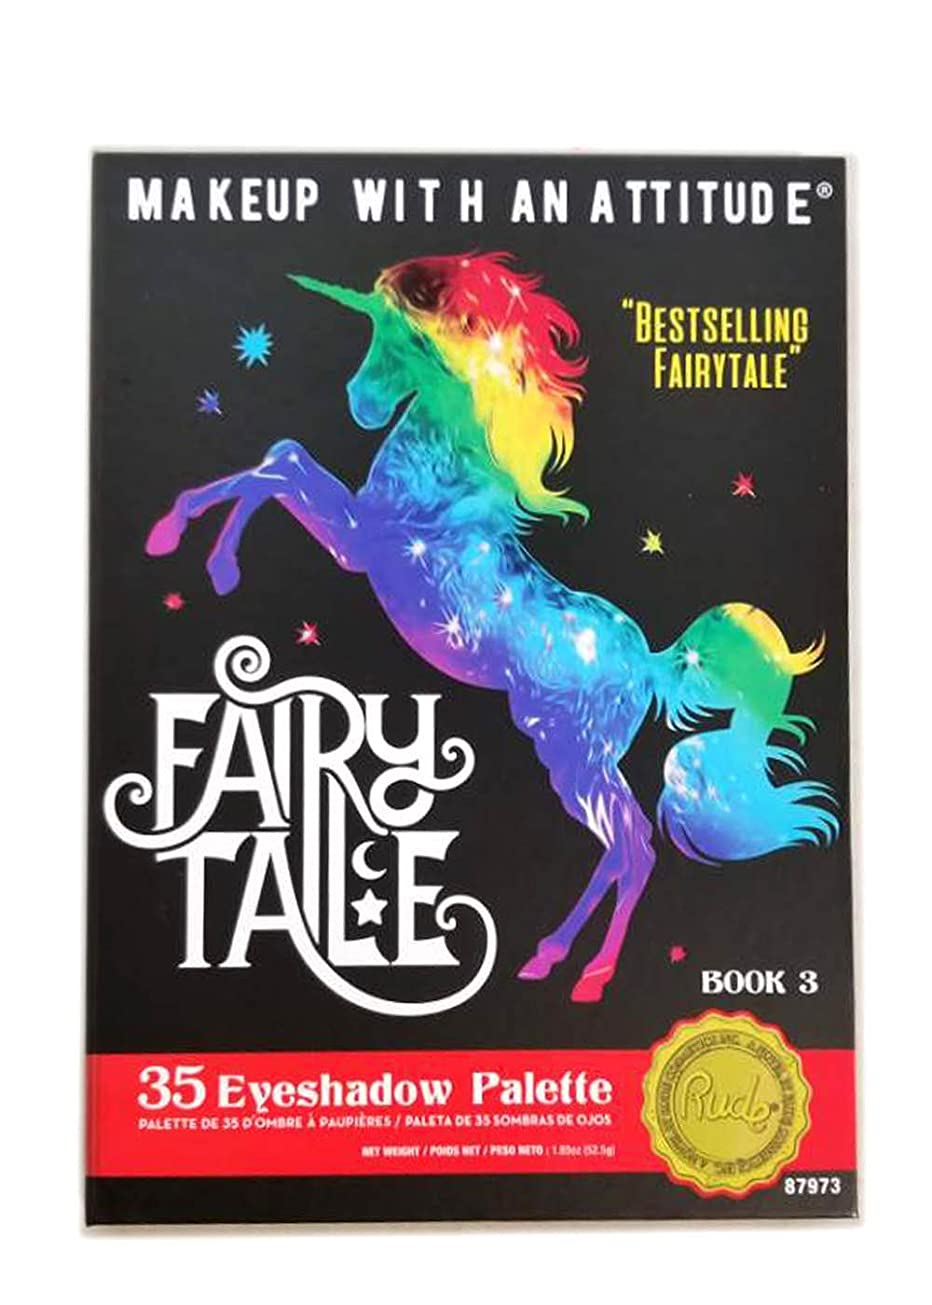 巨人かどうかアジテーションRUDE Fairy Tales 35 Eyeshadow Palette - Book 3 (並行輸入品)